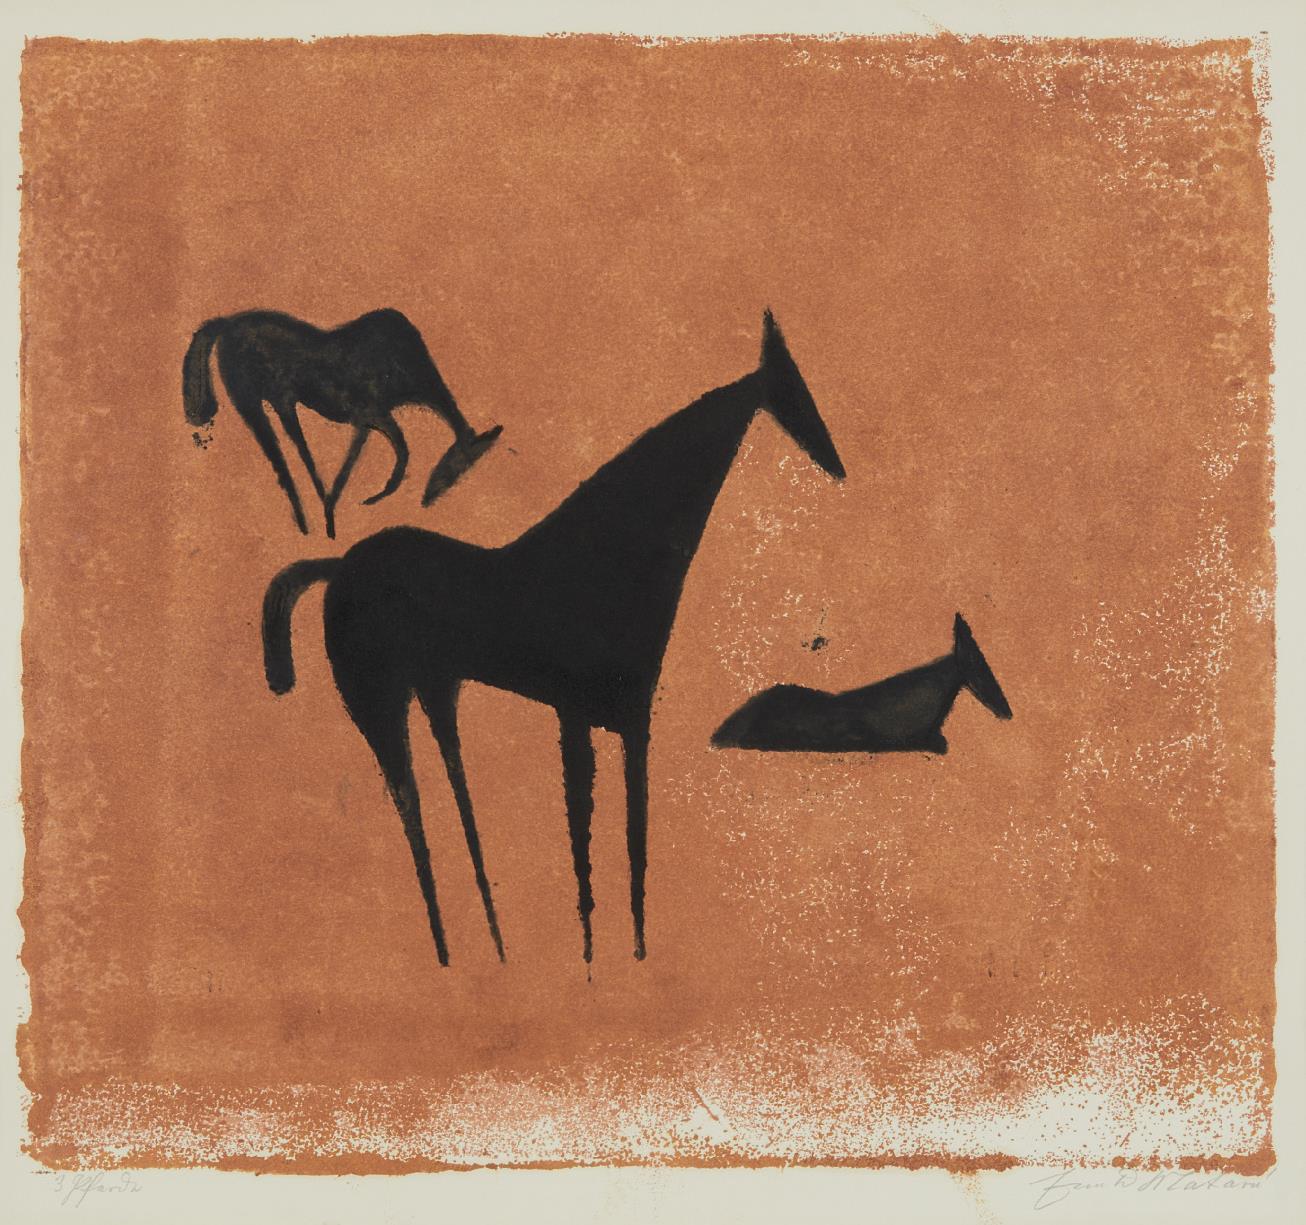 Ewald Matare-Drei Pferde (Three Horses)-1933